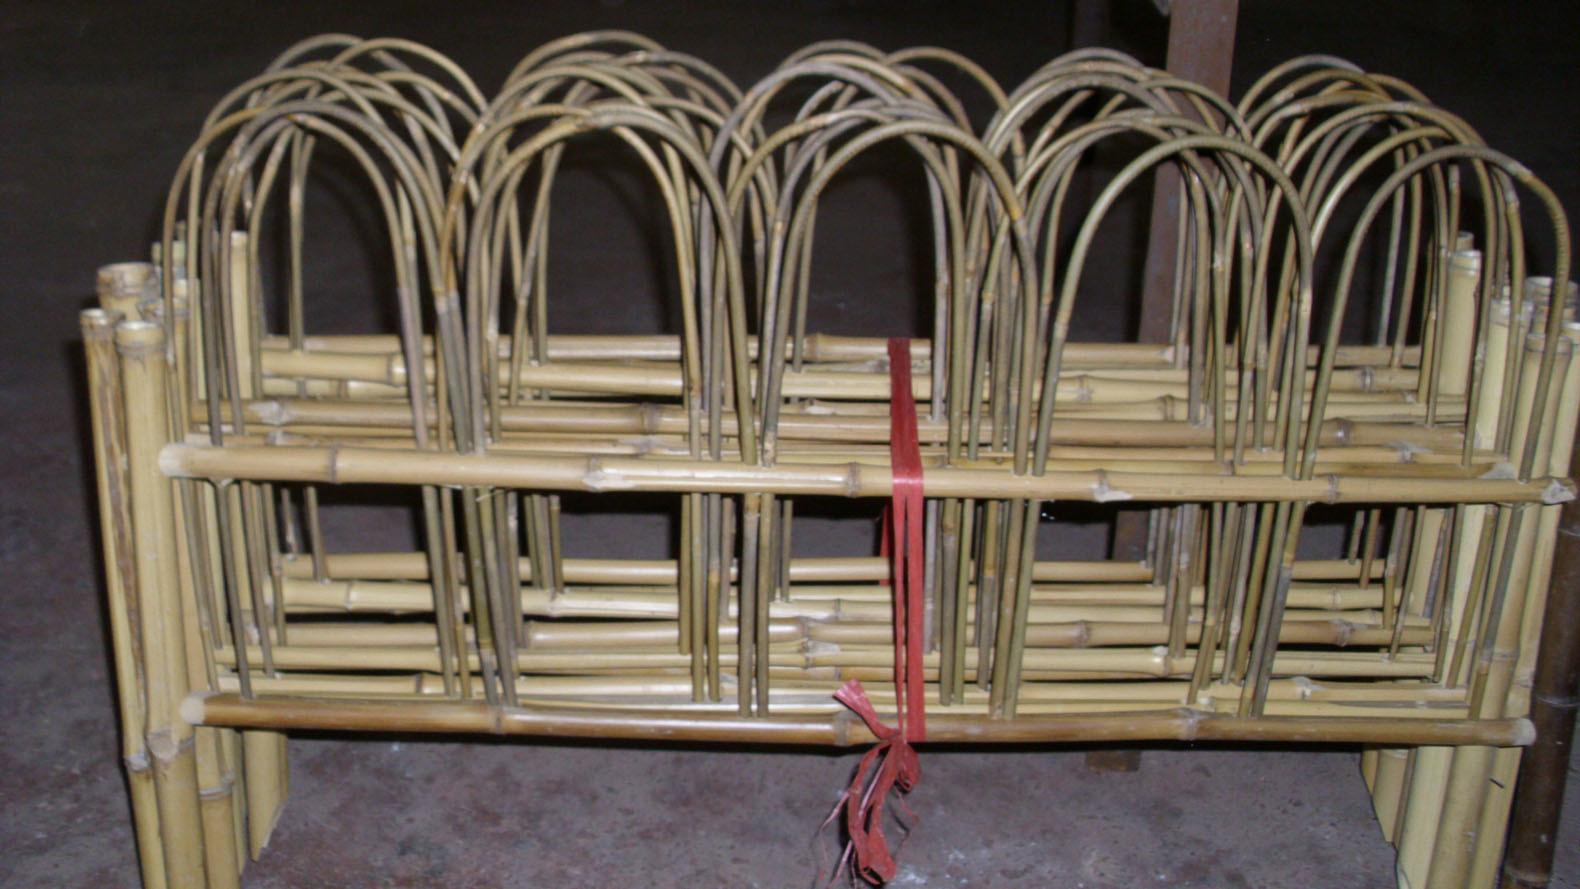 artesanato de bambu para jardim:de bambu para o mercado de Europa –Cerca de bambu para o mercado de